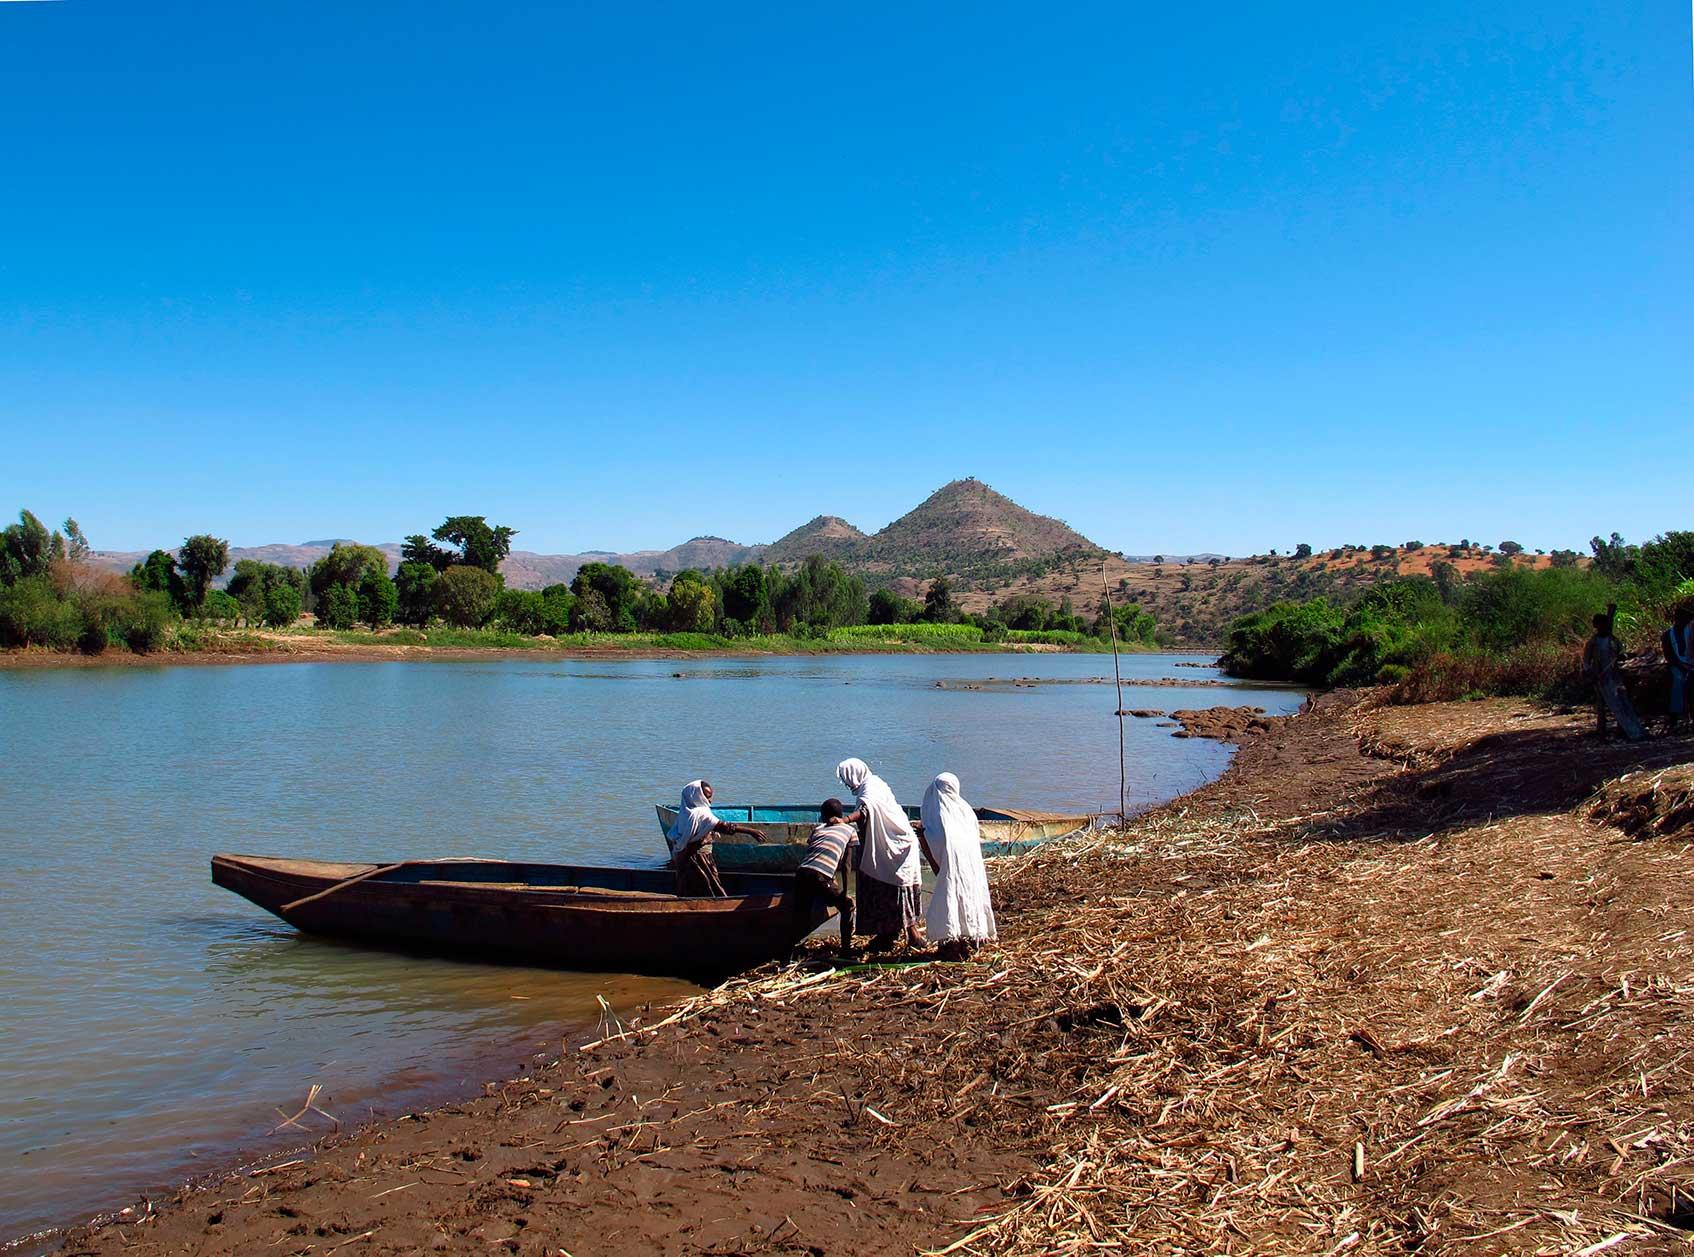 река голубой нил в эфиопии